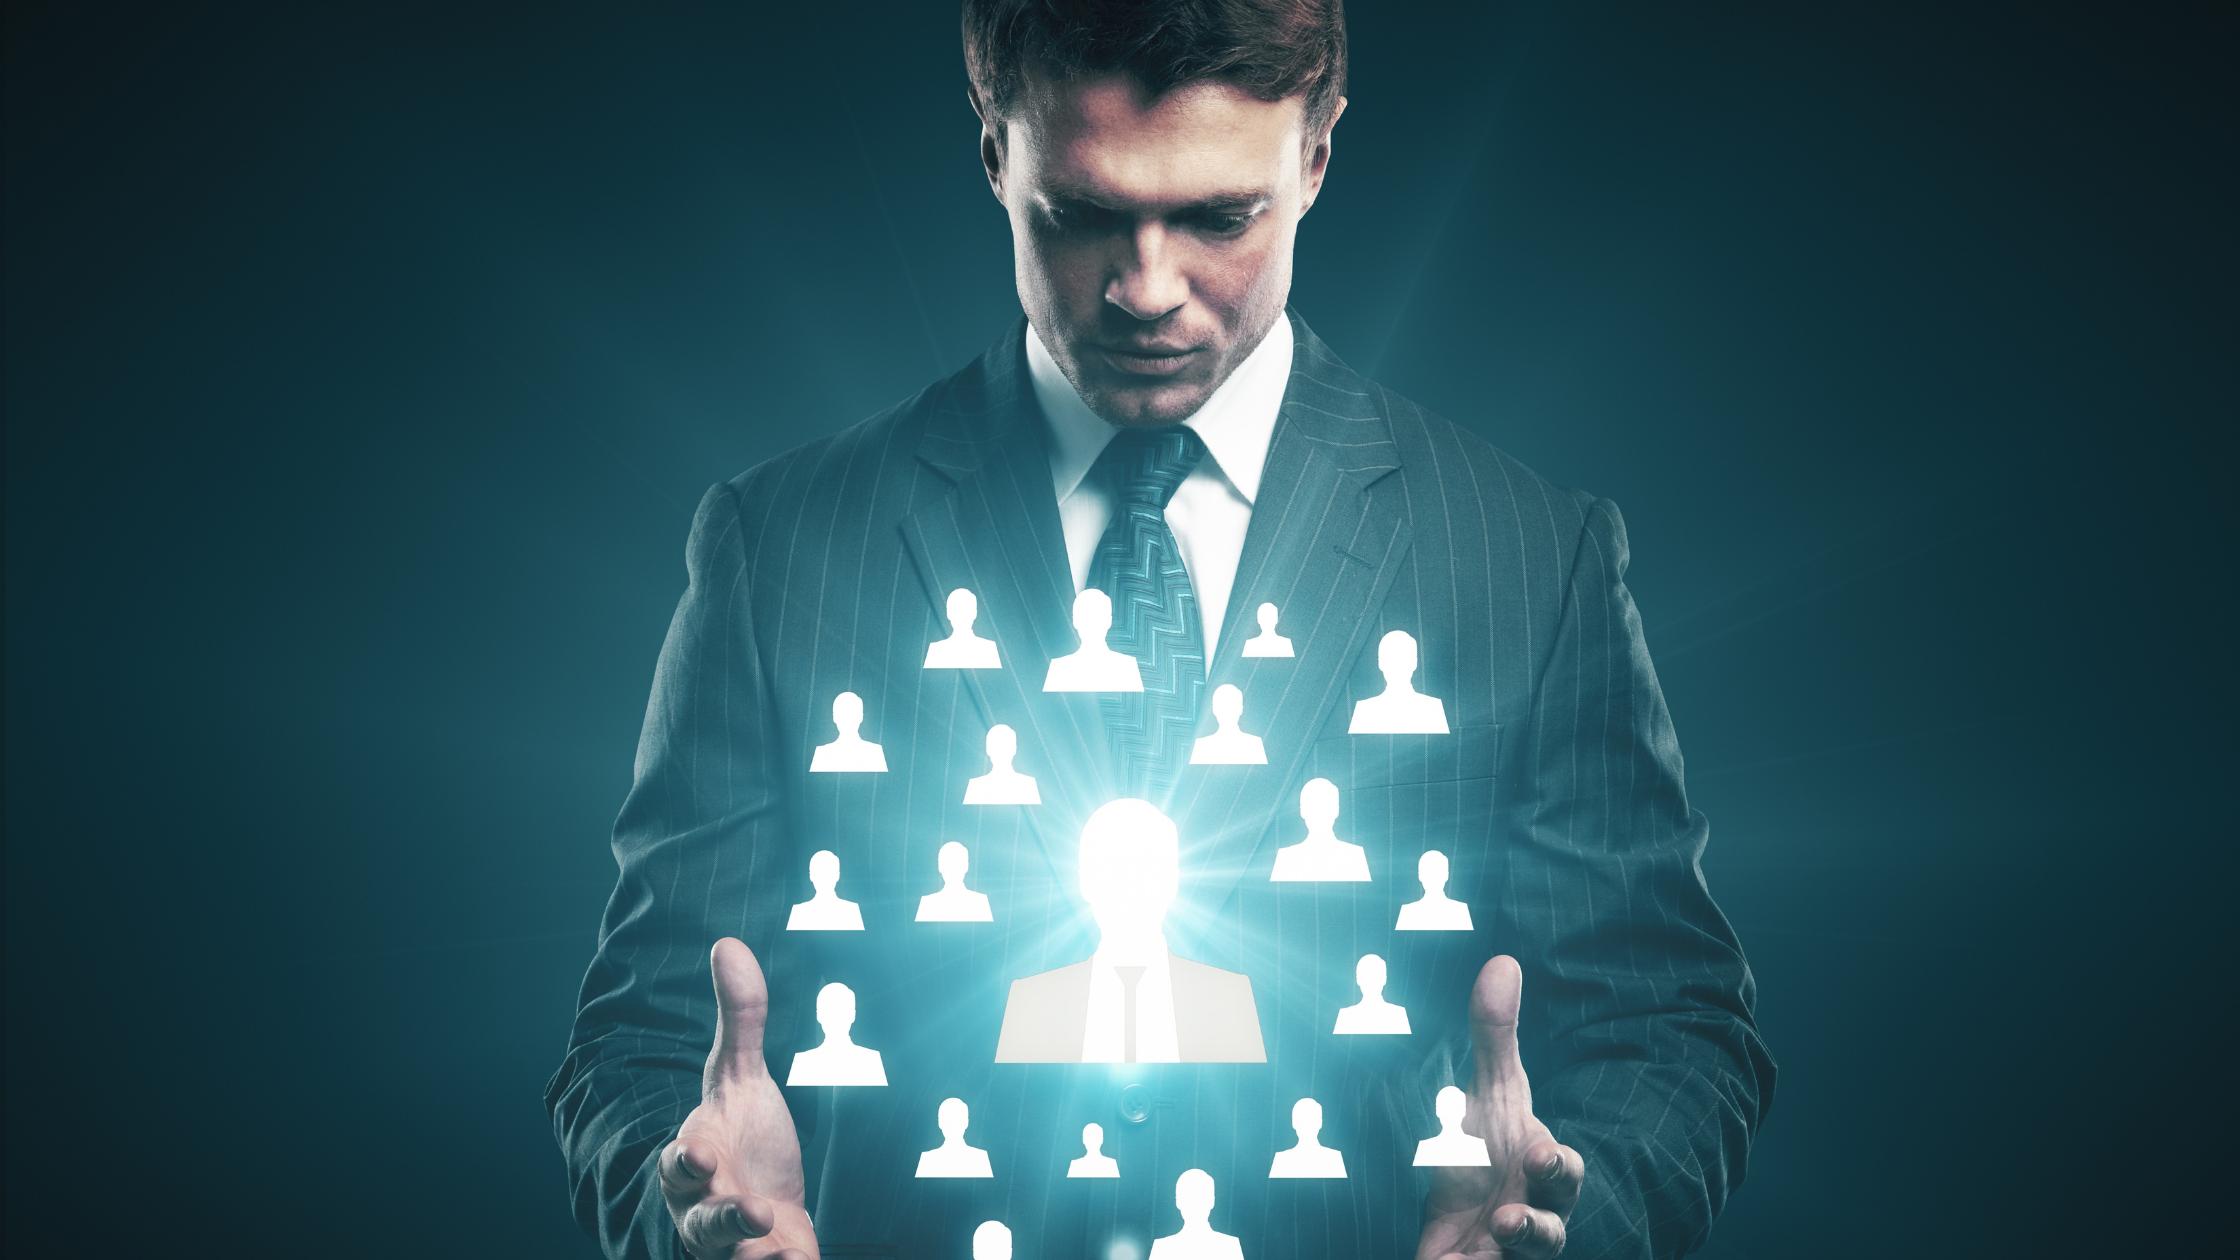 Der passive Bewerber - Ein enormes Potential für Ihr Unternehmen